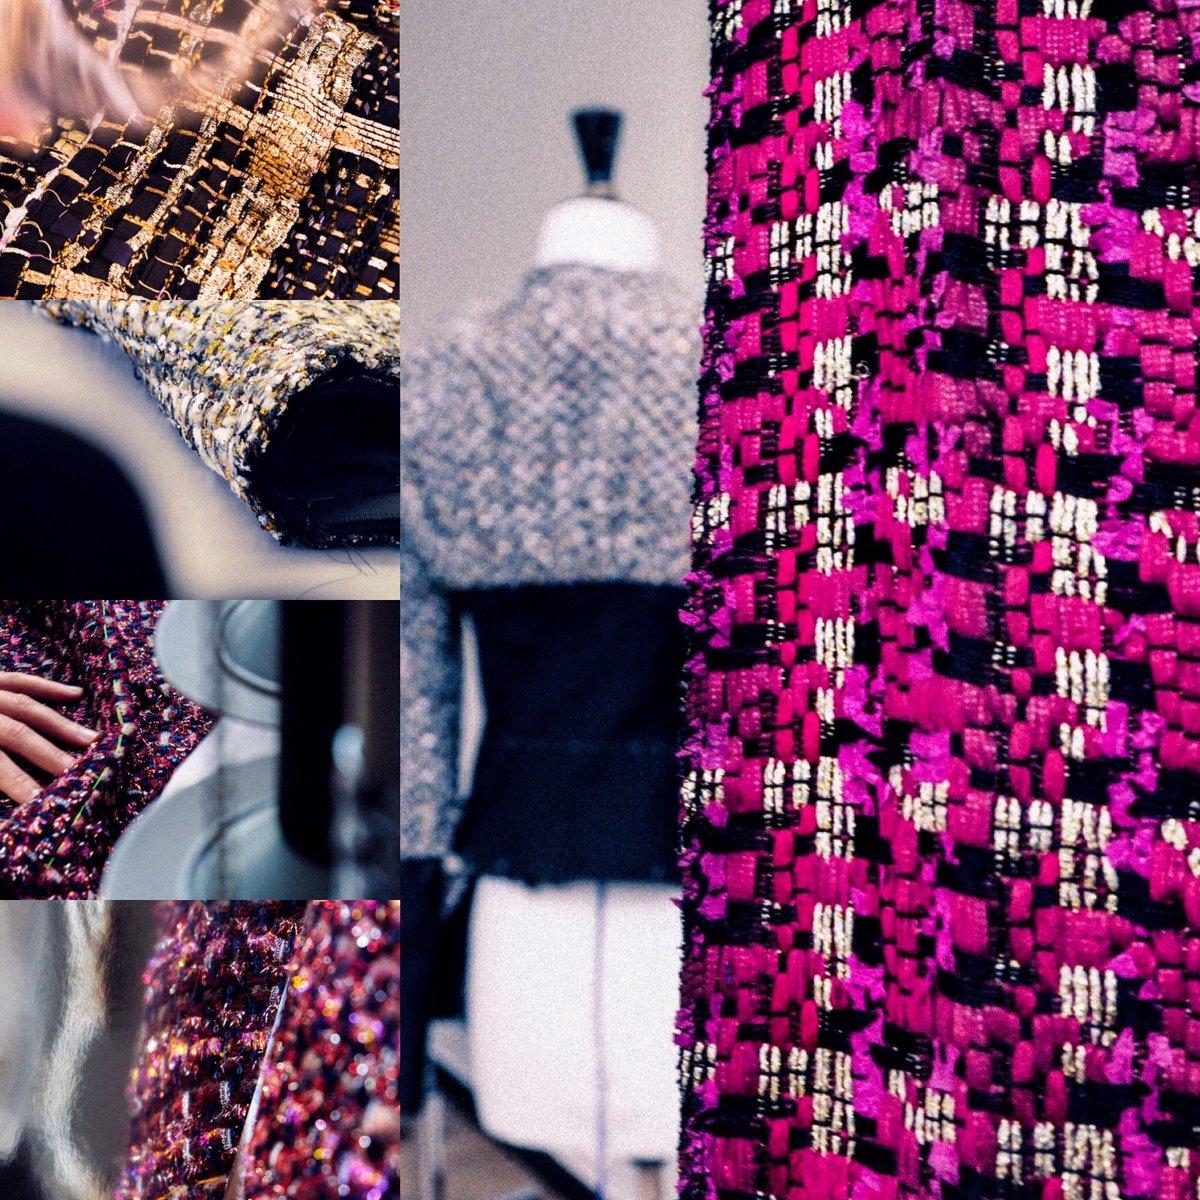 Dans les ateliers de Haute Couture de #CHANEL, les jours précédant la présentation de la collection demain 7 juillet. #CHANELHauteCouture automne-hiver 2020/21, imaginée par #VirginieViard et photographiée par Sarah van Rij. 👉 https://t.co/D1Kctf3DPO #espritdegabrielle https://t.co/Nfi0BnnzsP